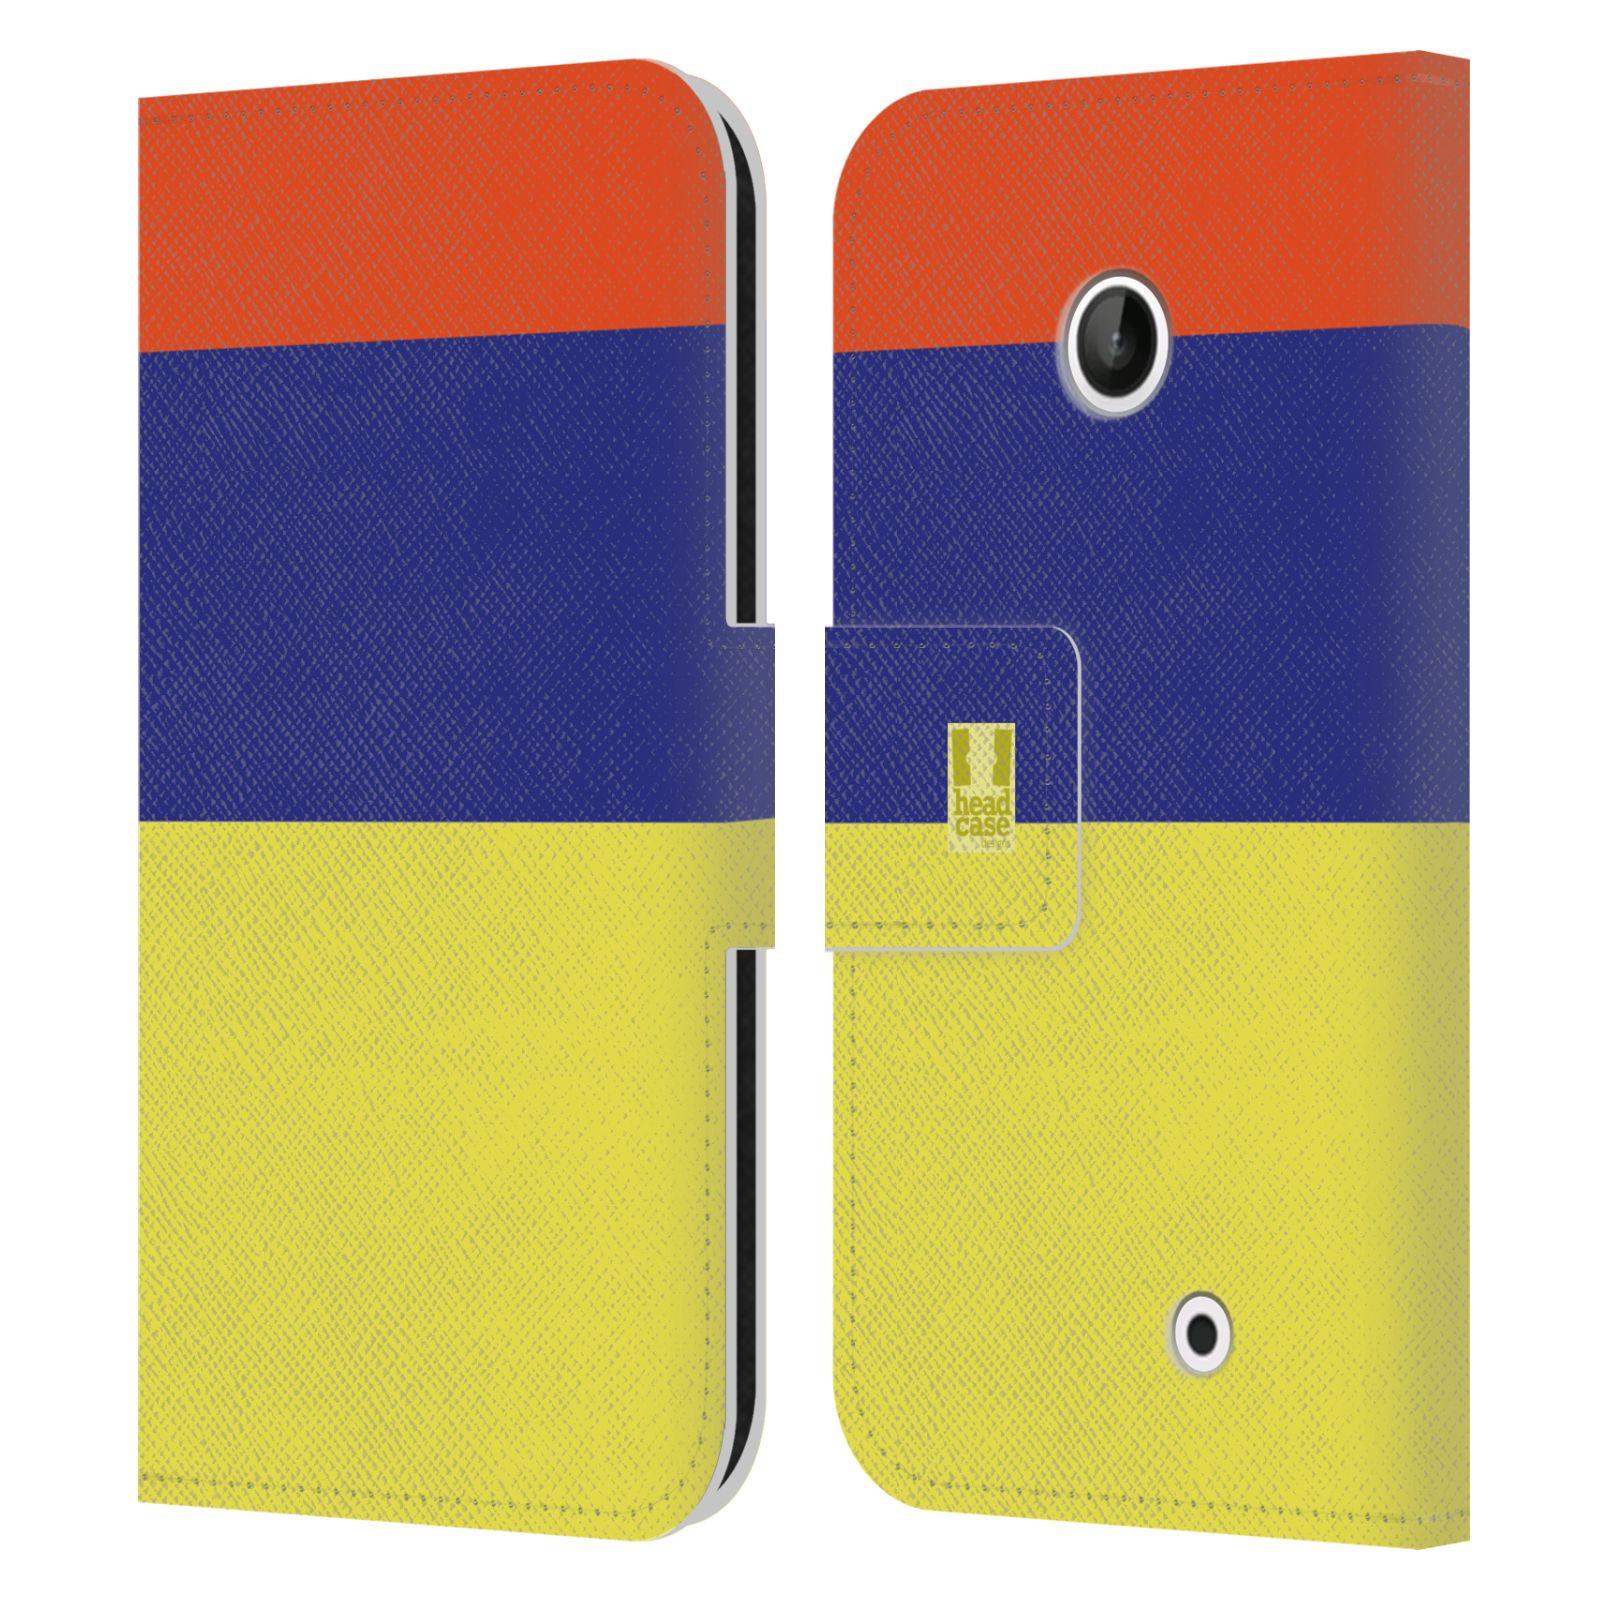 HEAD CASE Flipové pouzdro pro mobil Nokia LUMIA 630/630 DUAL barevné tvary žlutá, modrá, červená